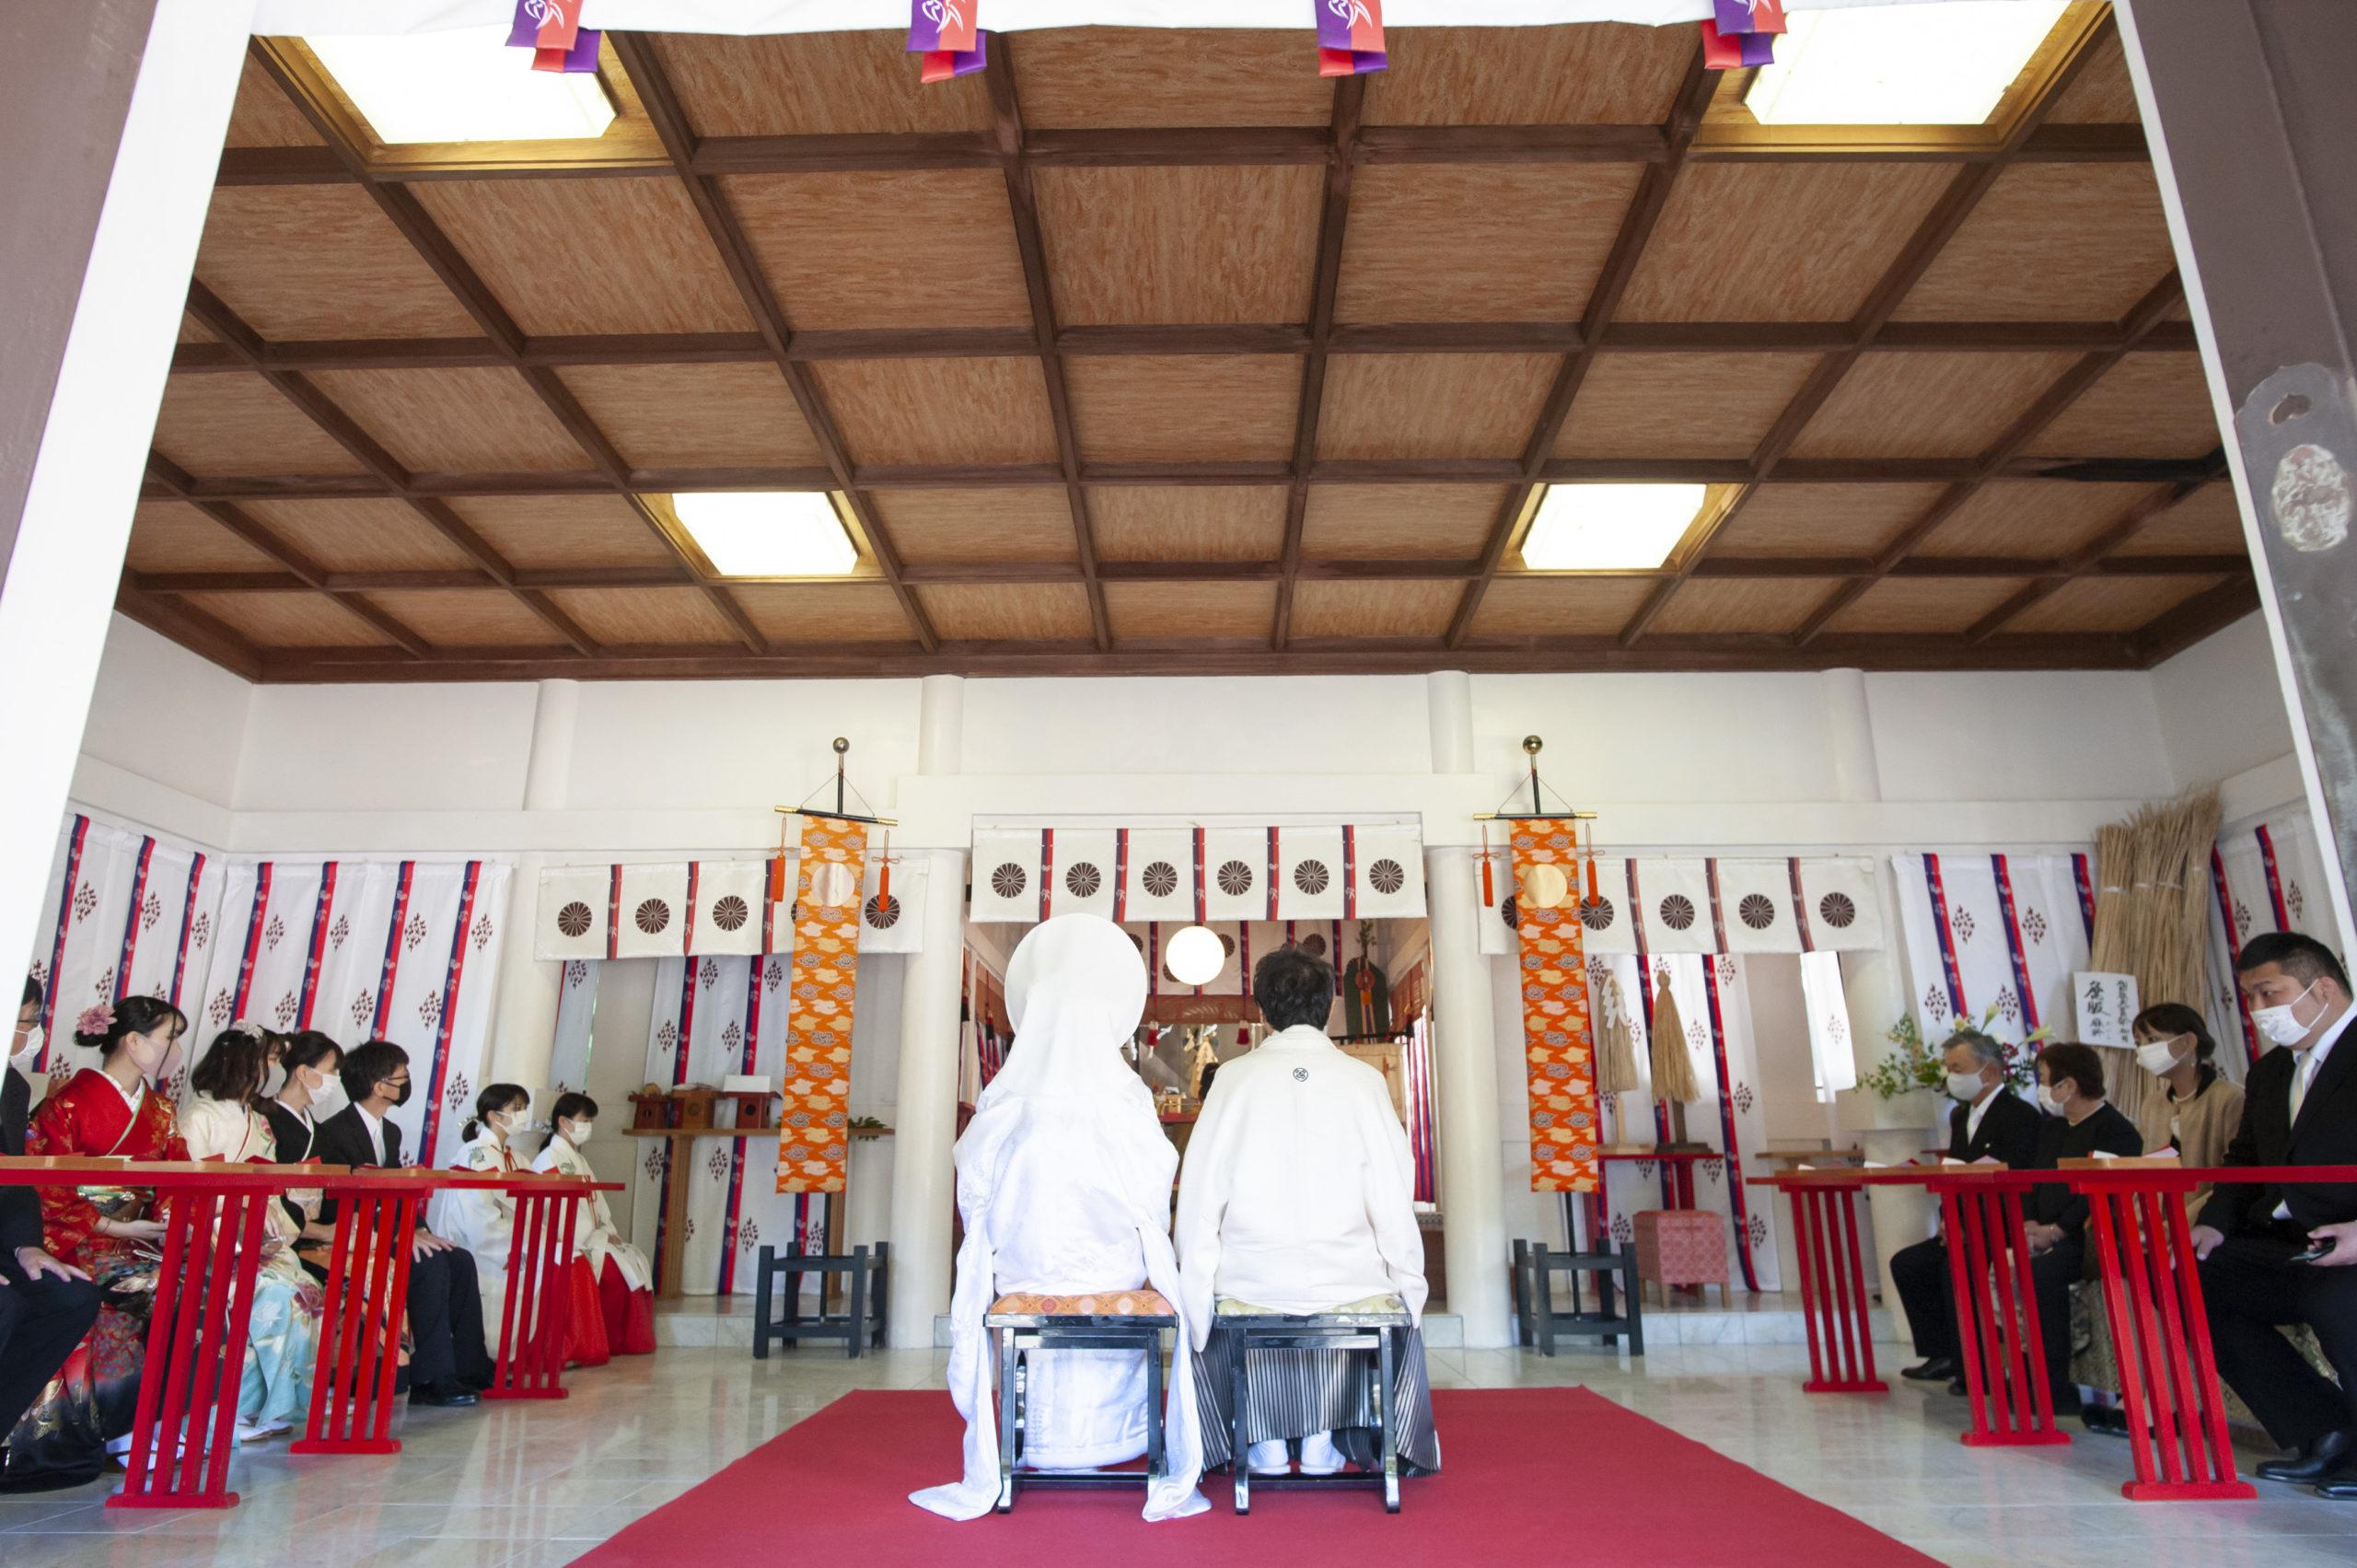 徳島市の結婚式場ブランアンジュで披露宴を行う前に挙式をした忌部神社での神前挙式